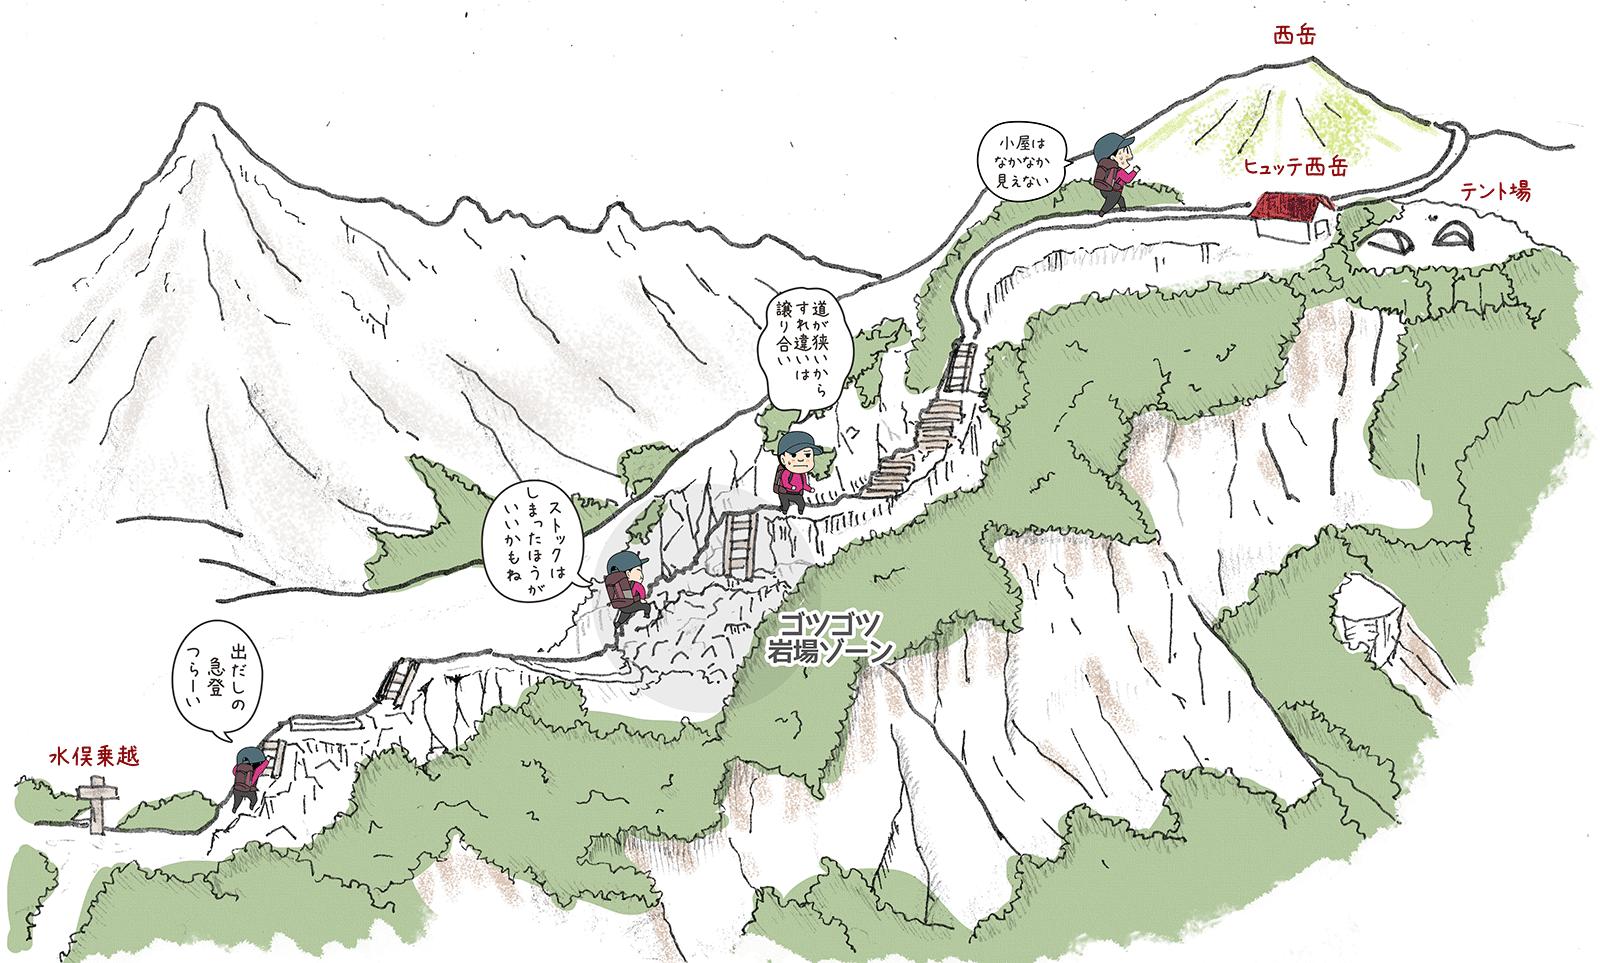 水俣乗越からヒュッテ西岳まで思い出のイラストマップ